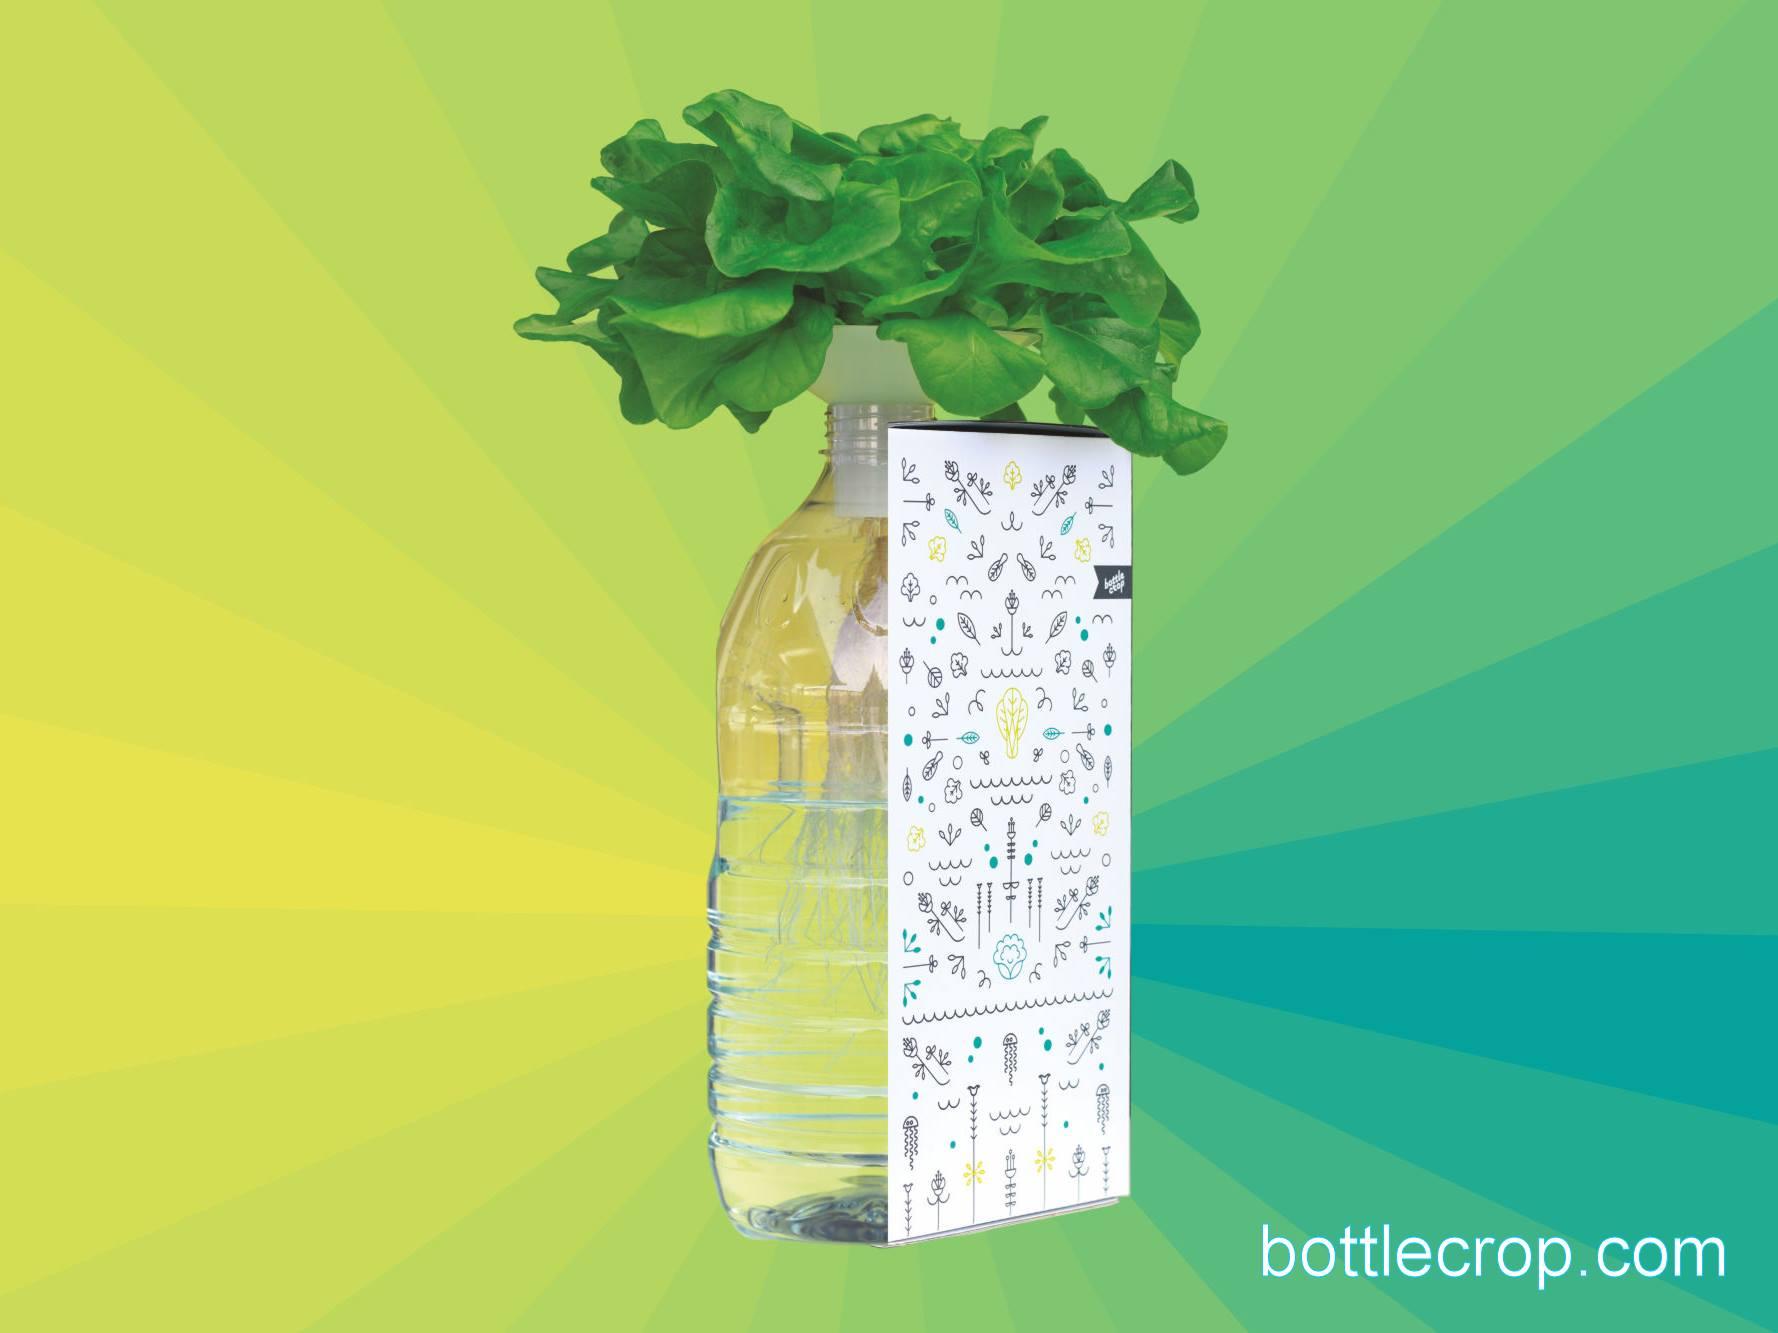 Wirklich nachhaltig? (Foto: BottleCrop / Integar)